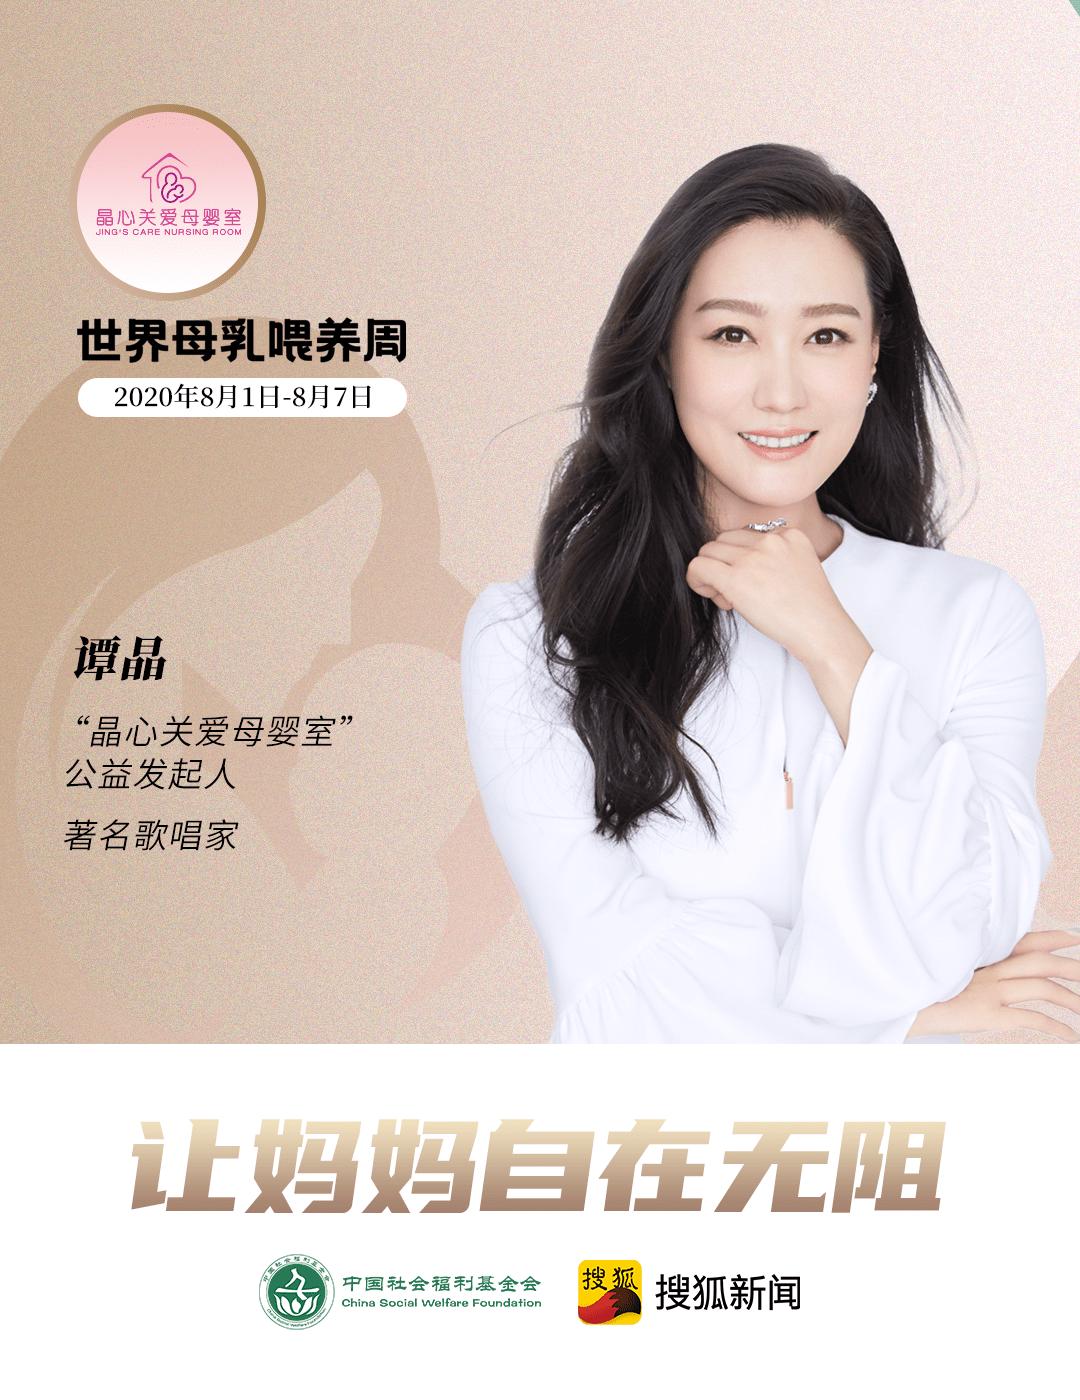 让妈妈自在无阻 搜狐新闻X中国社会福利基金会世界母乳喂养周特别策划